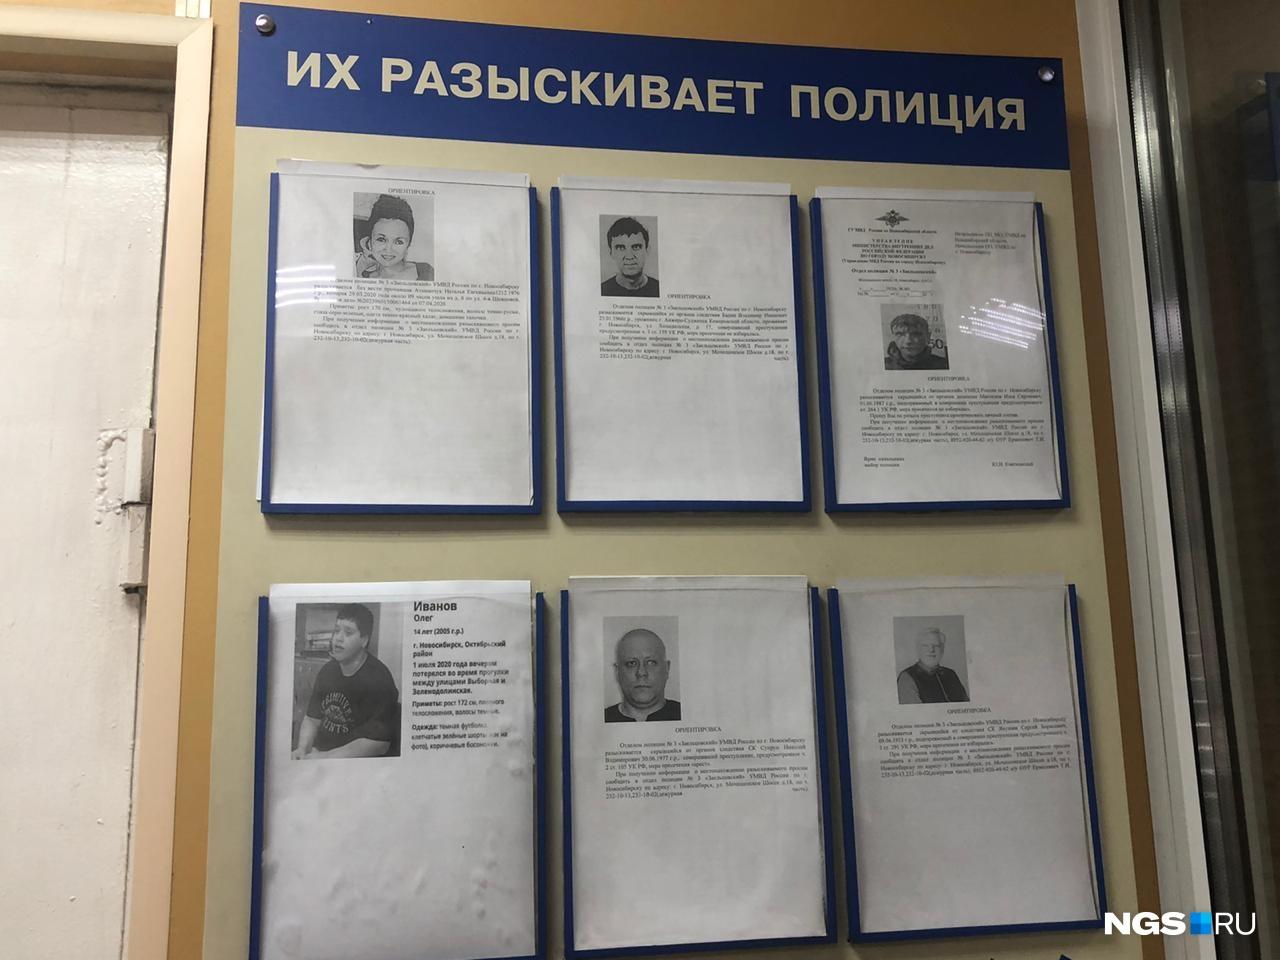 Владелец новосибирского крематория Сергей Якушин на доске «Их разыскивает полиция» расположен в нижнем правом углу